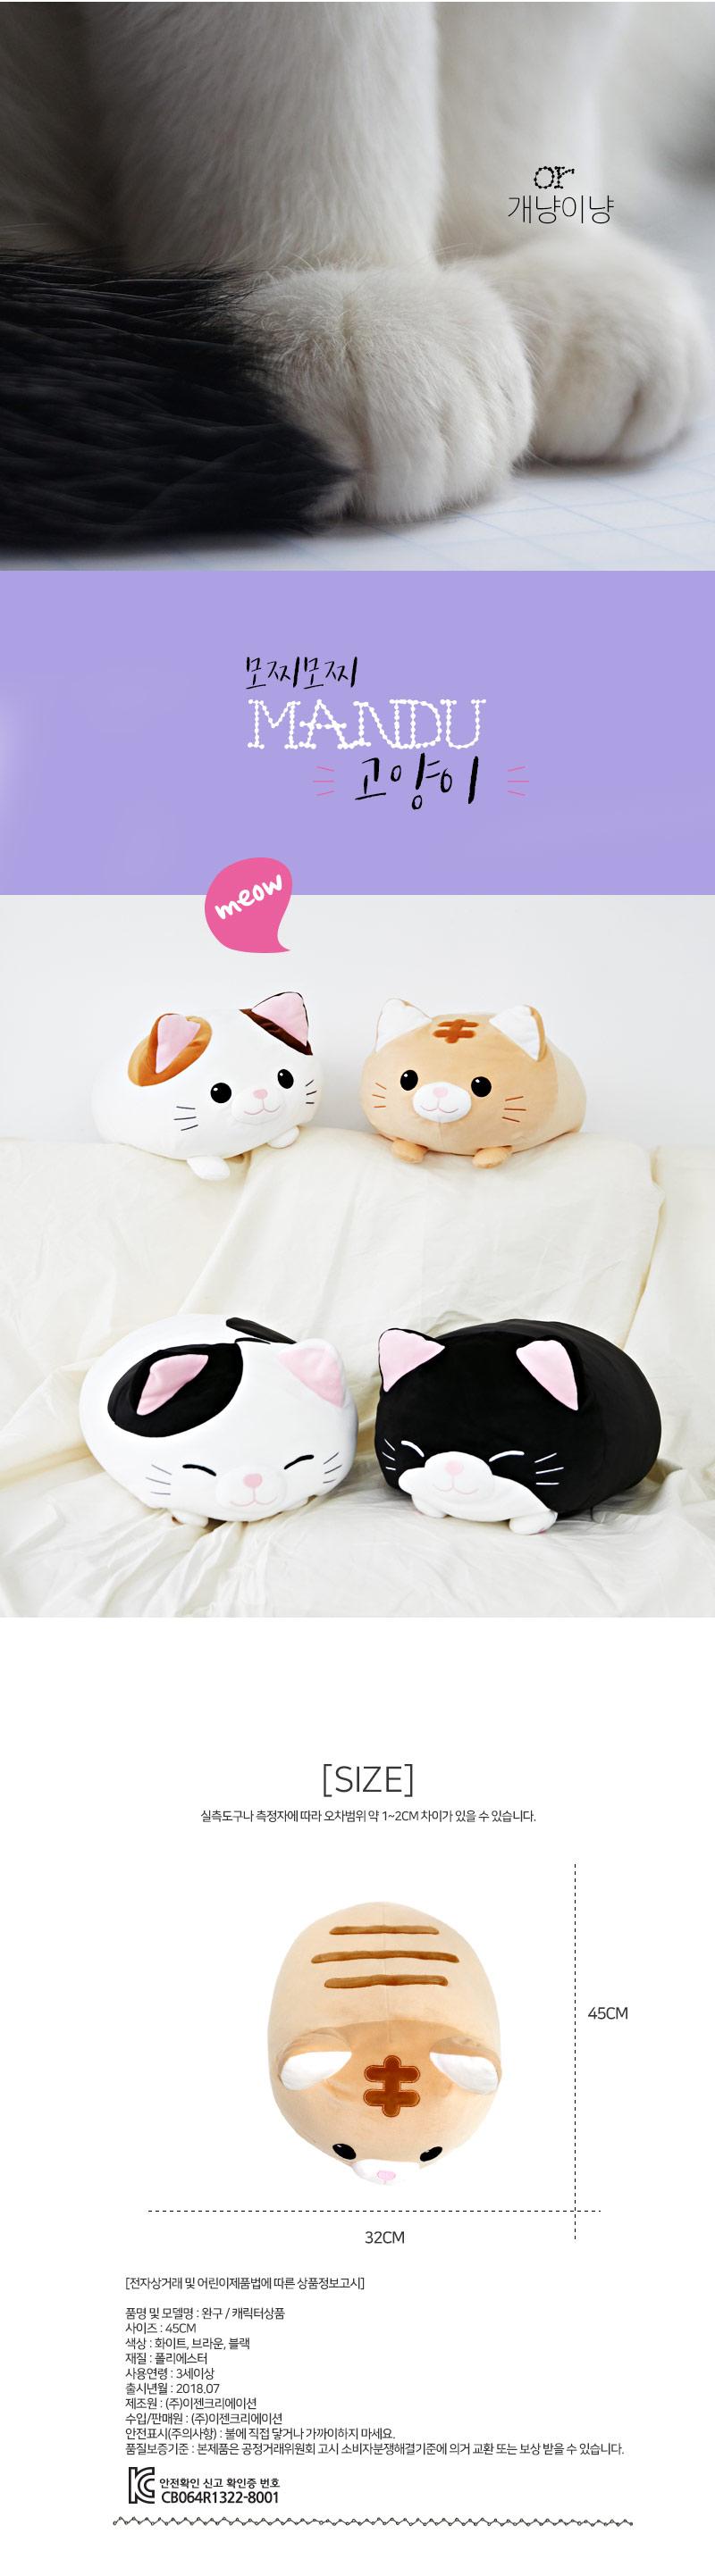 모찌모찌 만두 고양이 인형 샴고양이 50CM - 이젠돌스, 26,000원, 애니멀인형, 고양이 인형